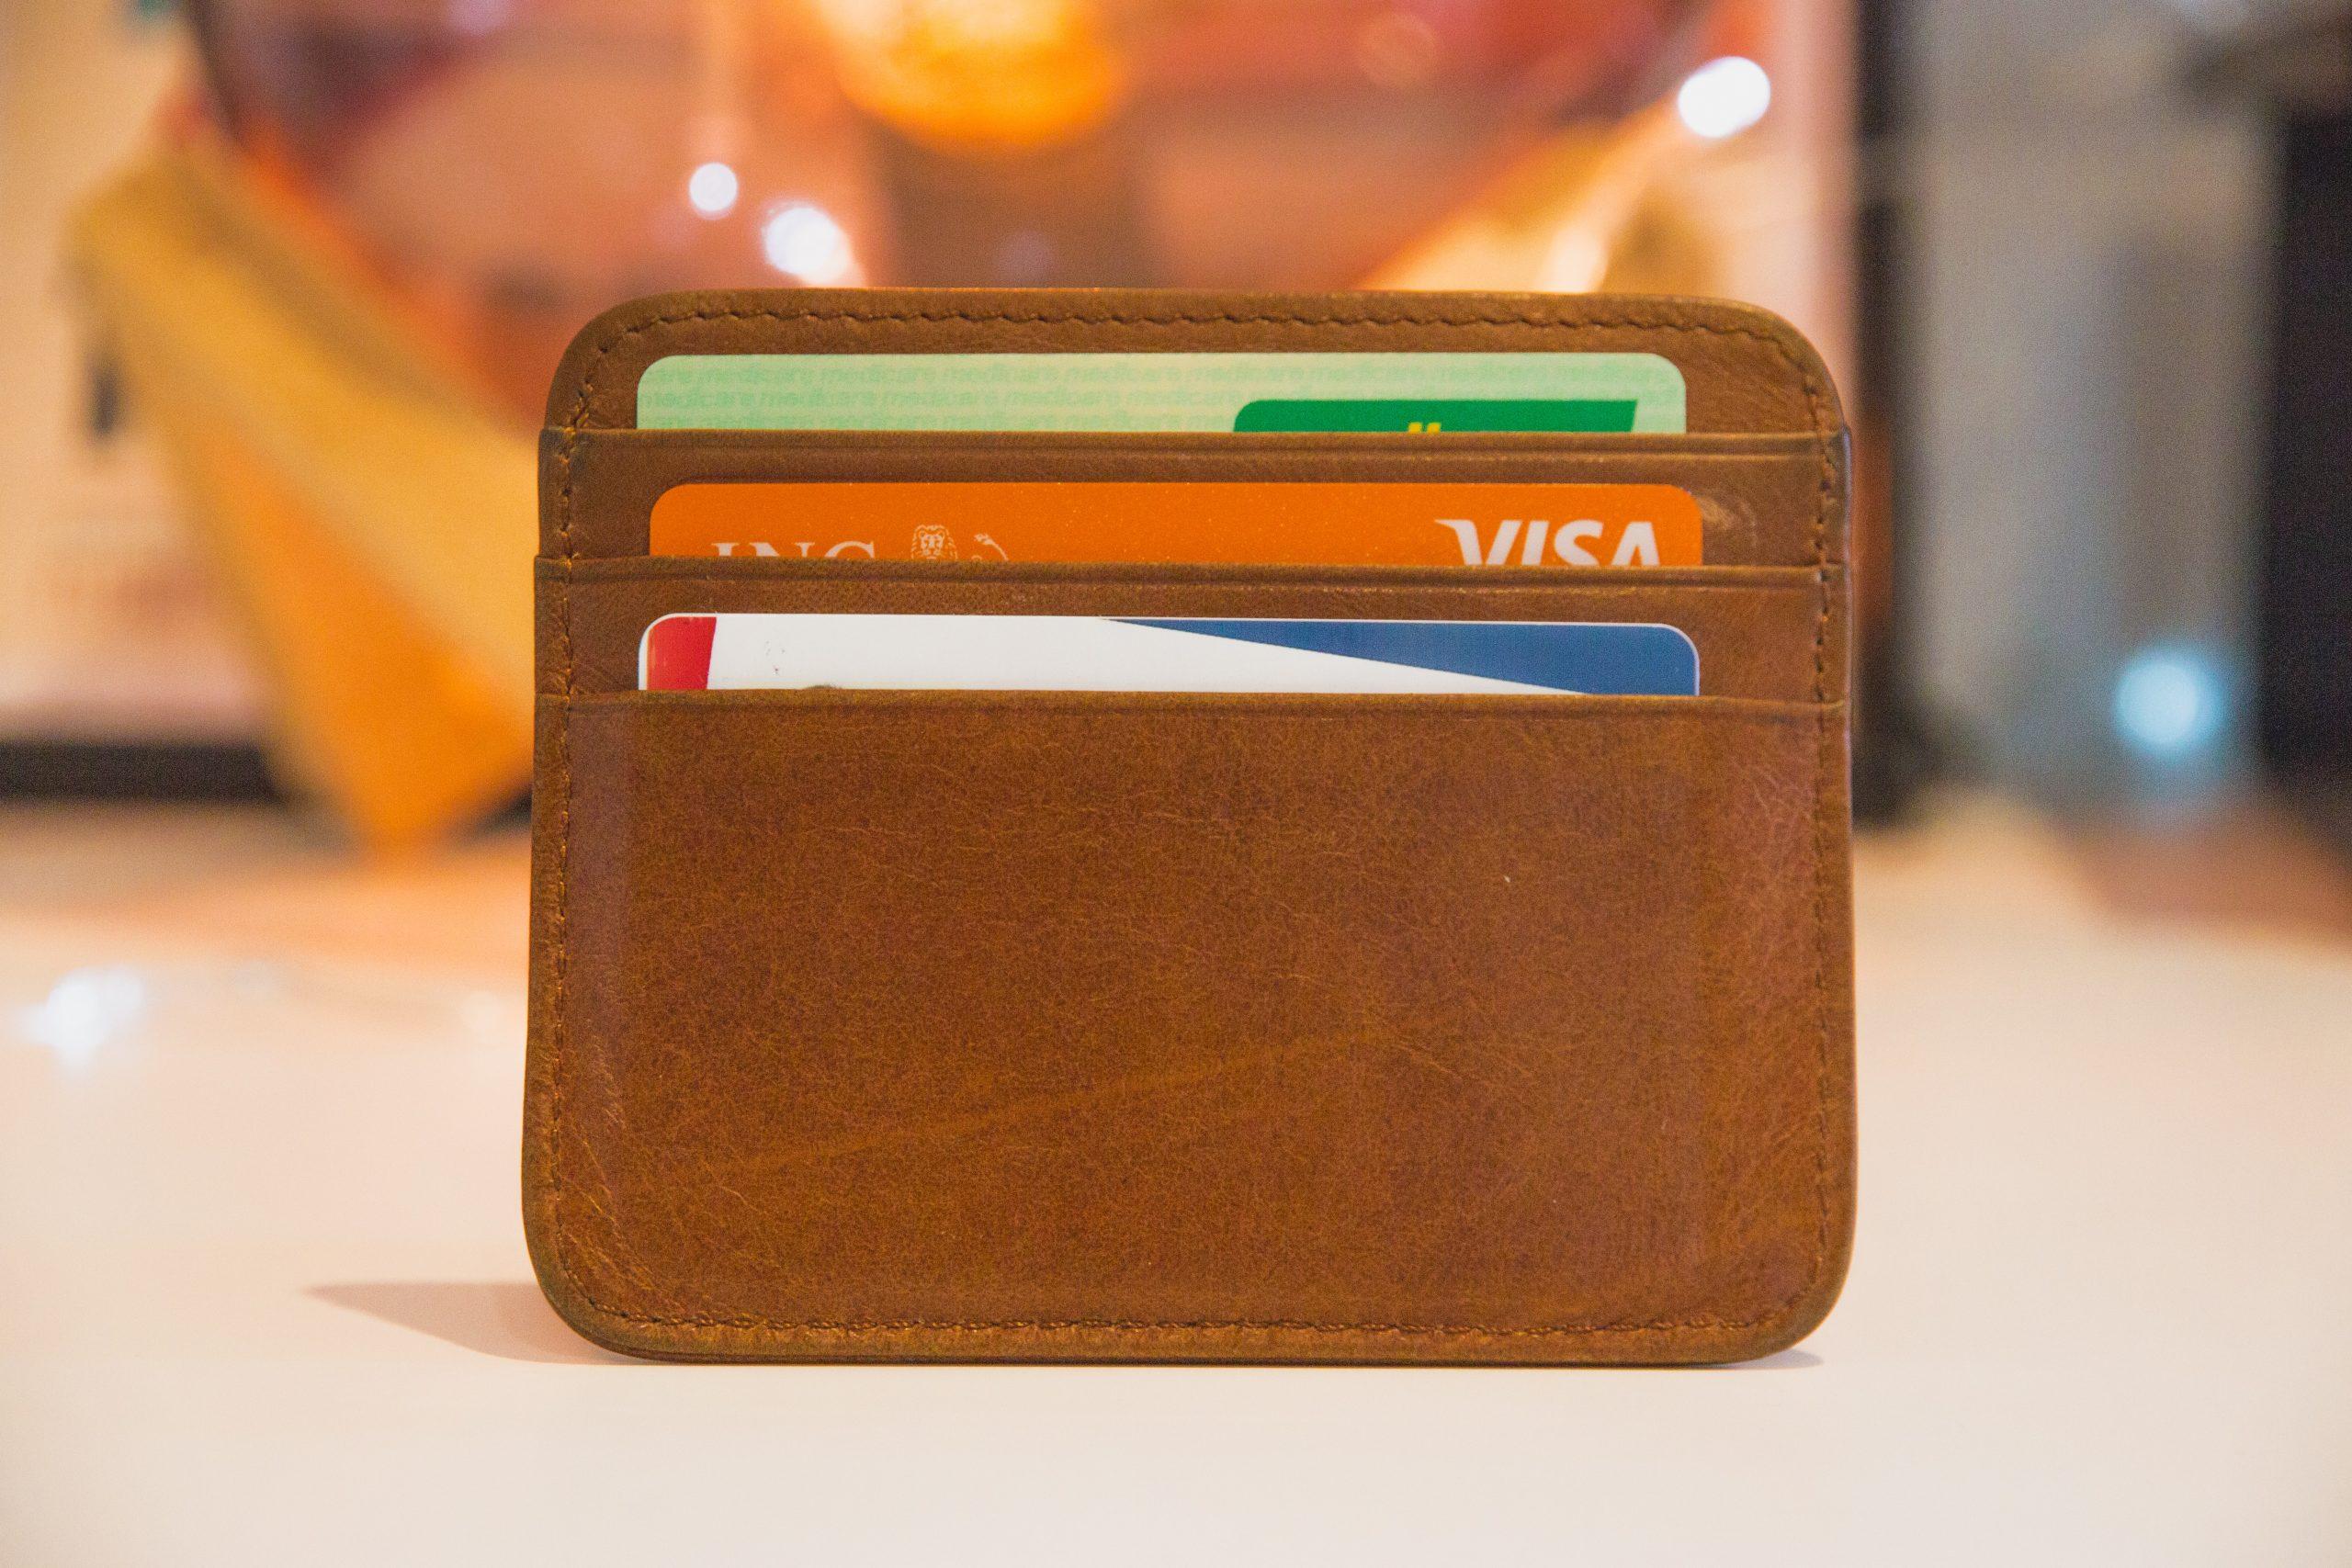 МТС и стартап GetMeBack помогут малому бизнесу Заполярья выпустить виртуальные бонусные карты 1